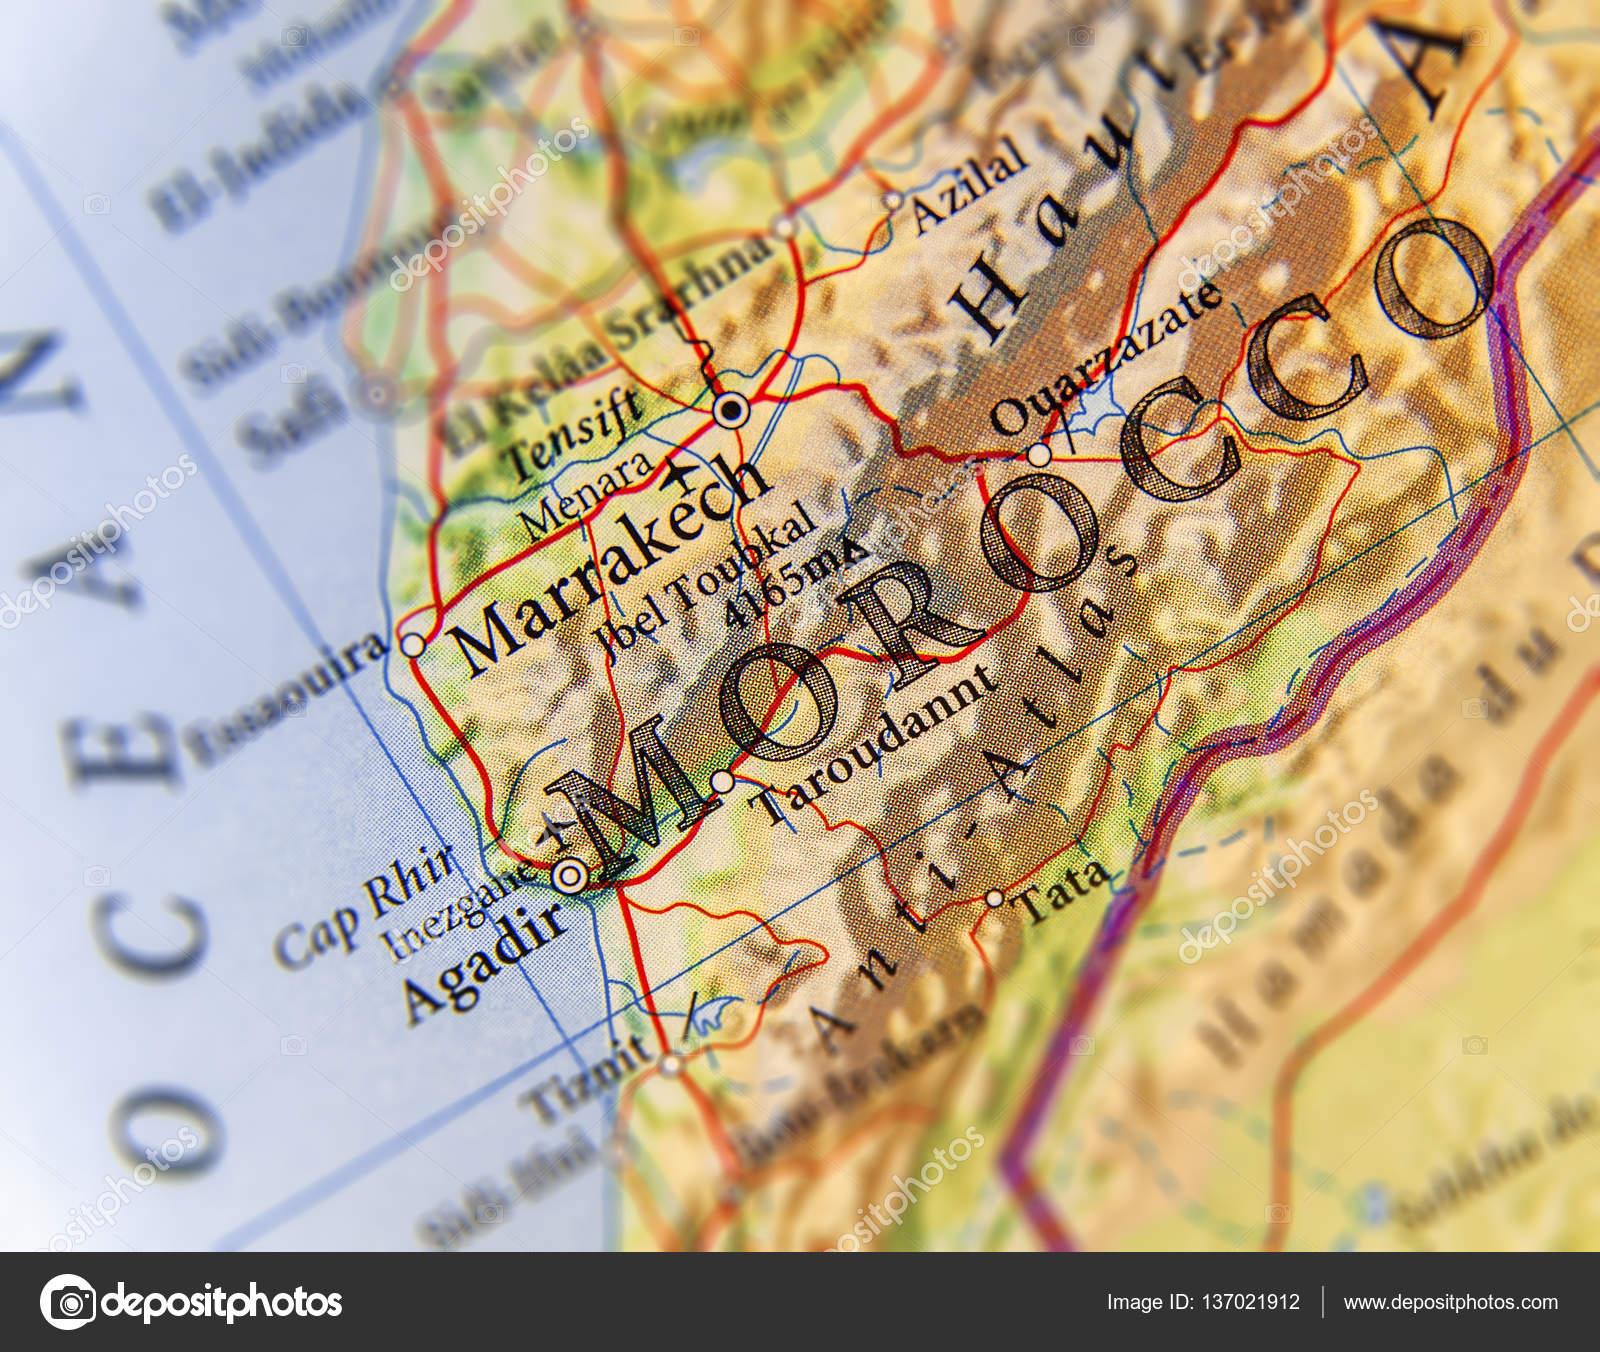 mapa geografico do marrocos Mapa geográfico do país de Marrocos cidades importantes  mapa geografico do marrocos